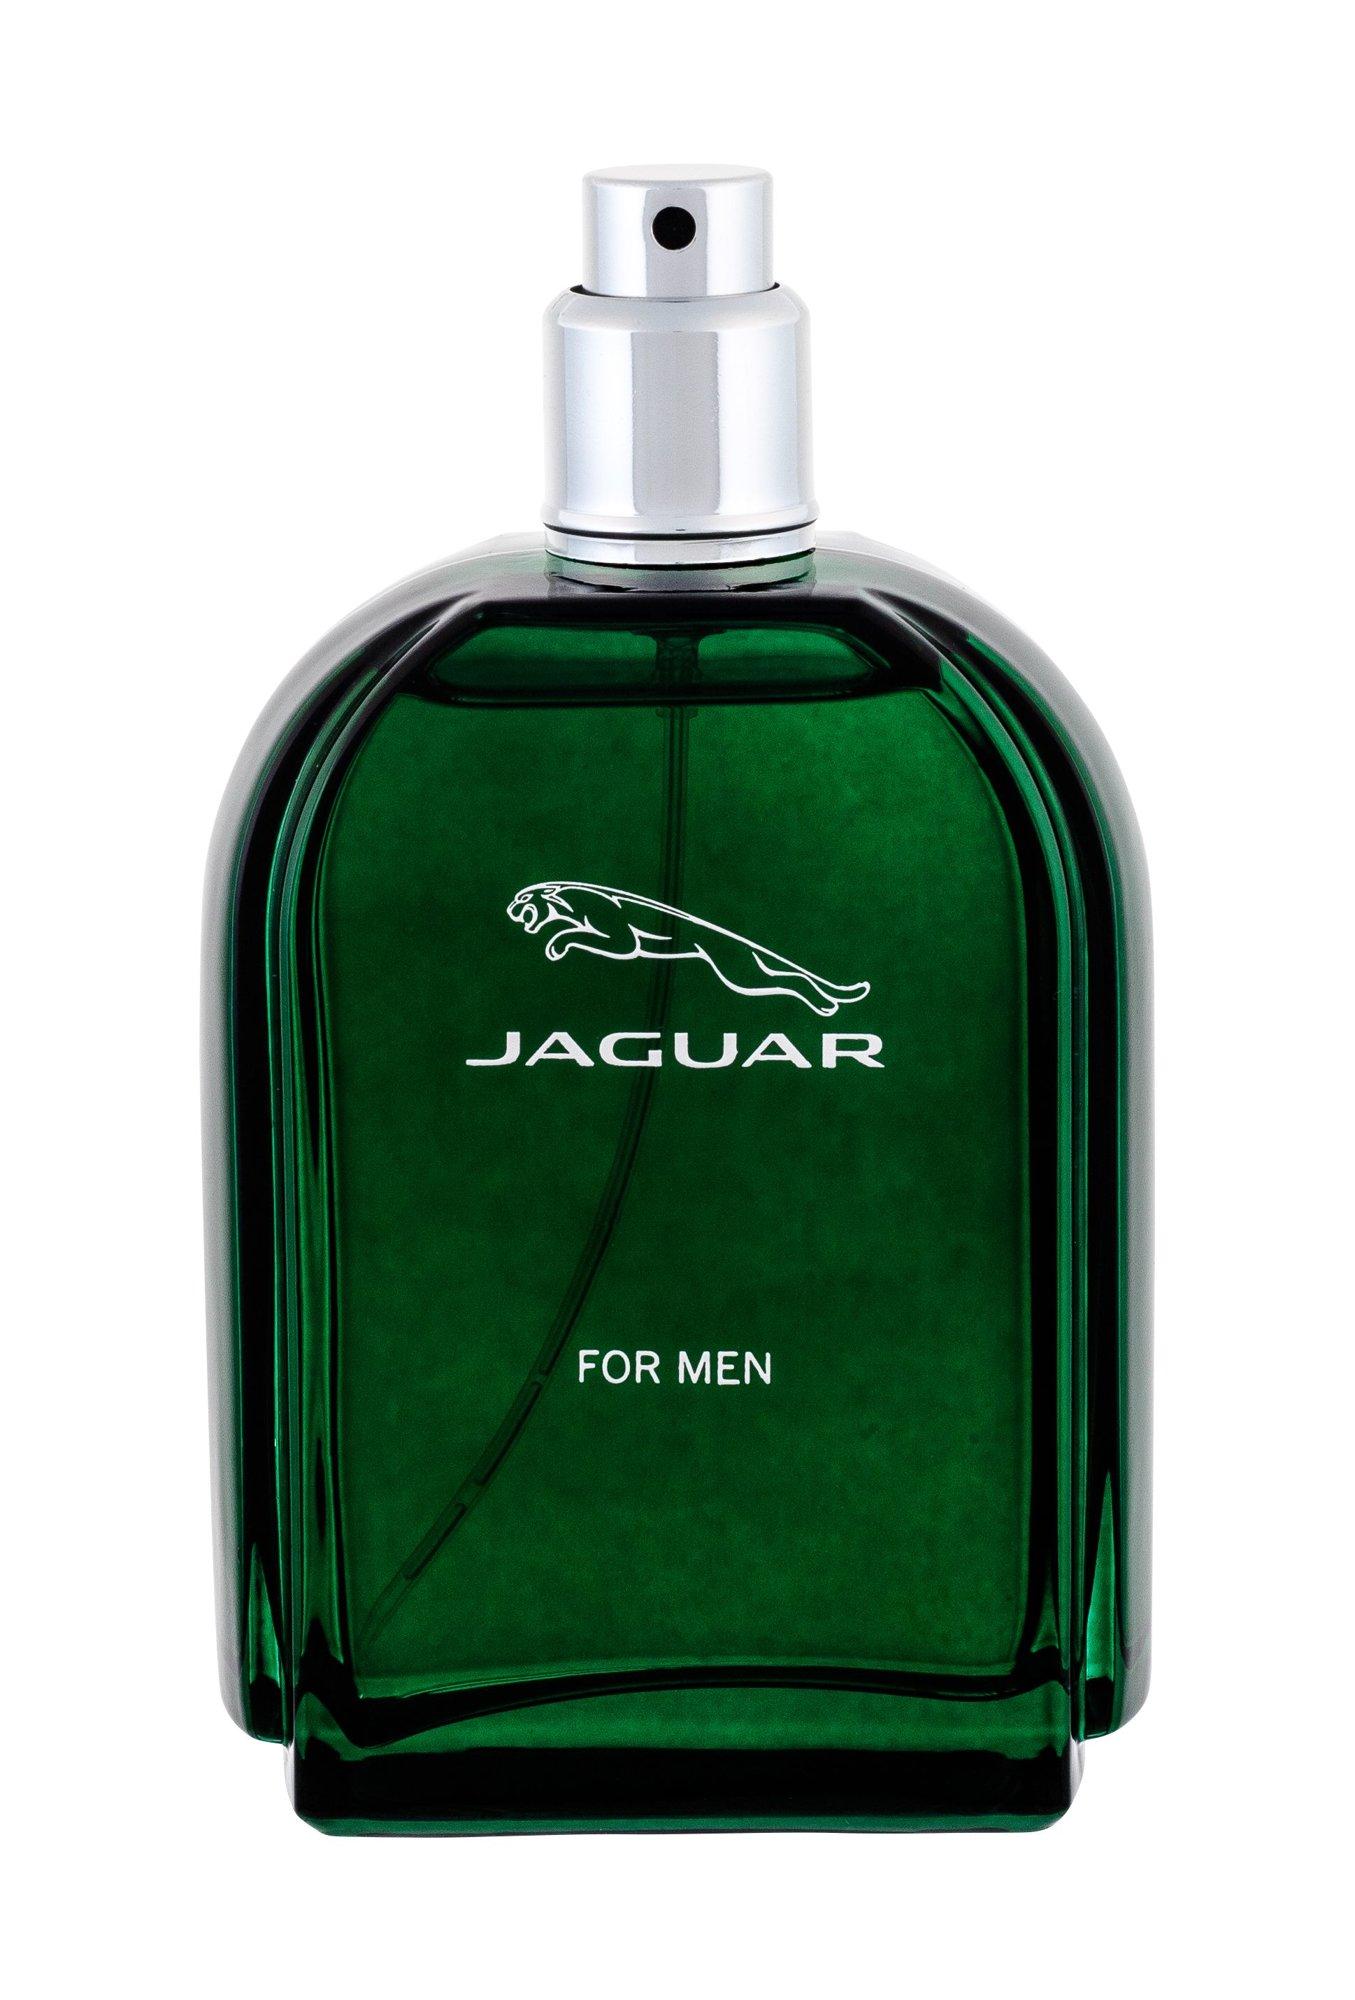 Jaguar Jaguar EDT 100ml